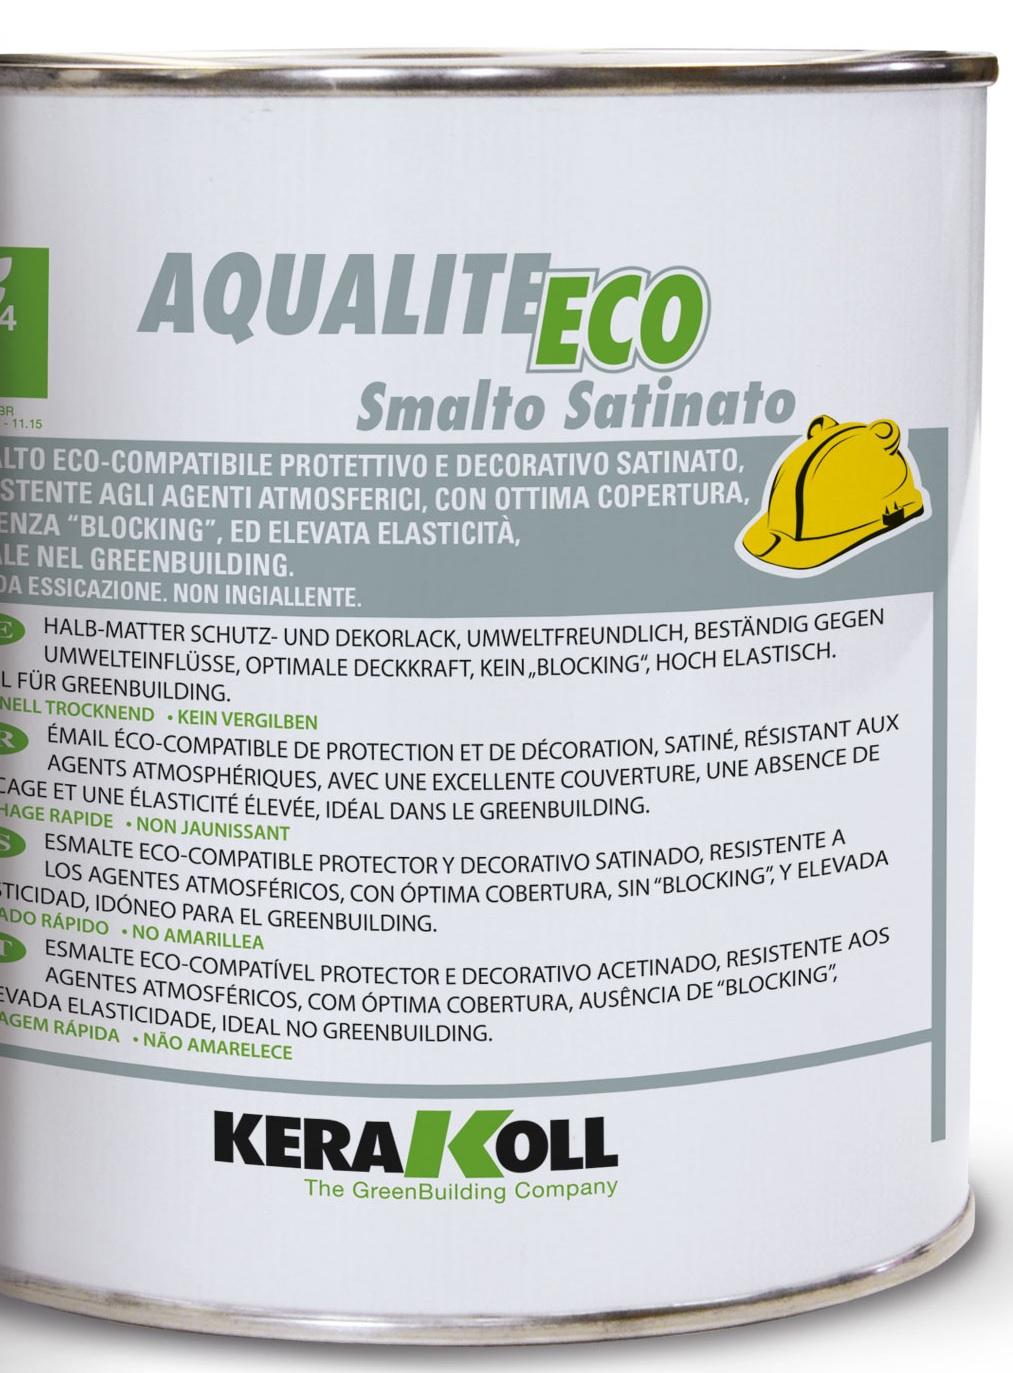 Kerakoll aqualite eco smalto satinato 2,5l bianco  A001